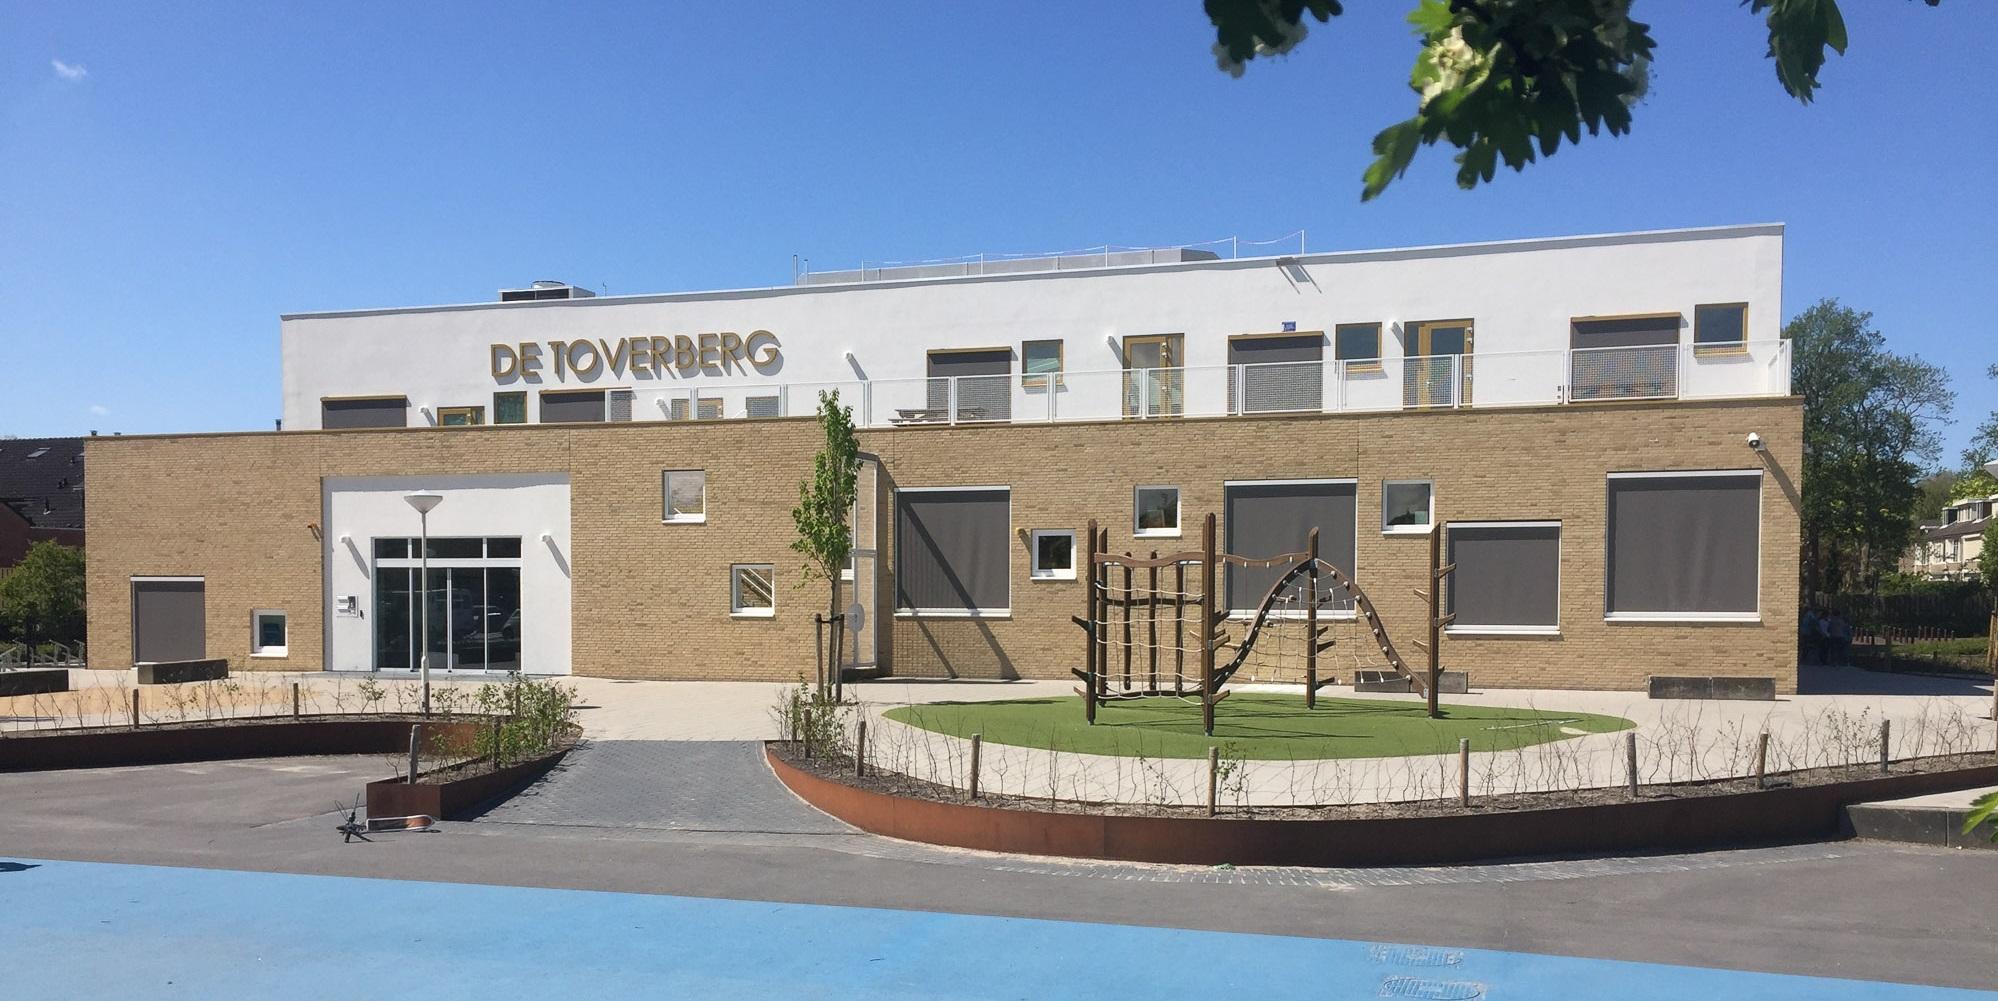 voorgeven kindcentrum Toverberg met verspringende ramen